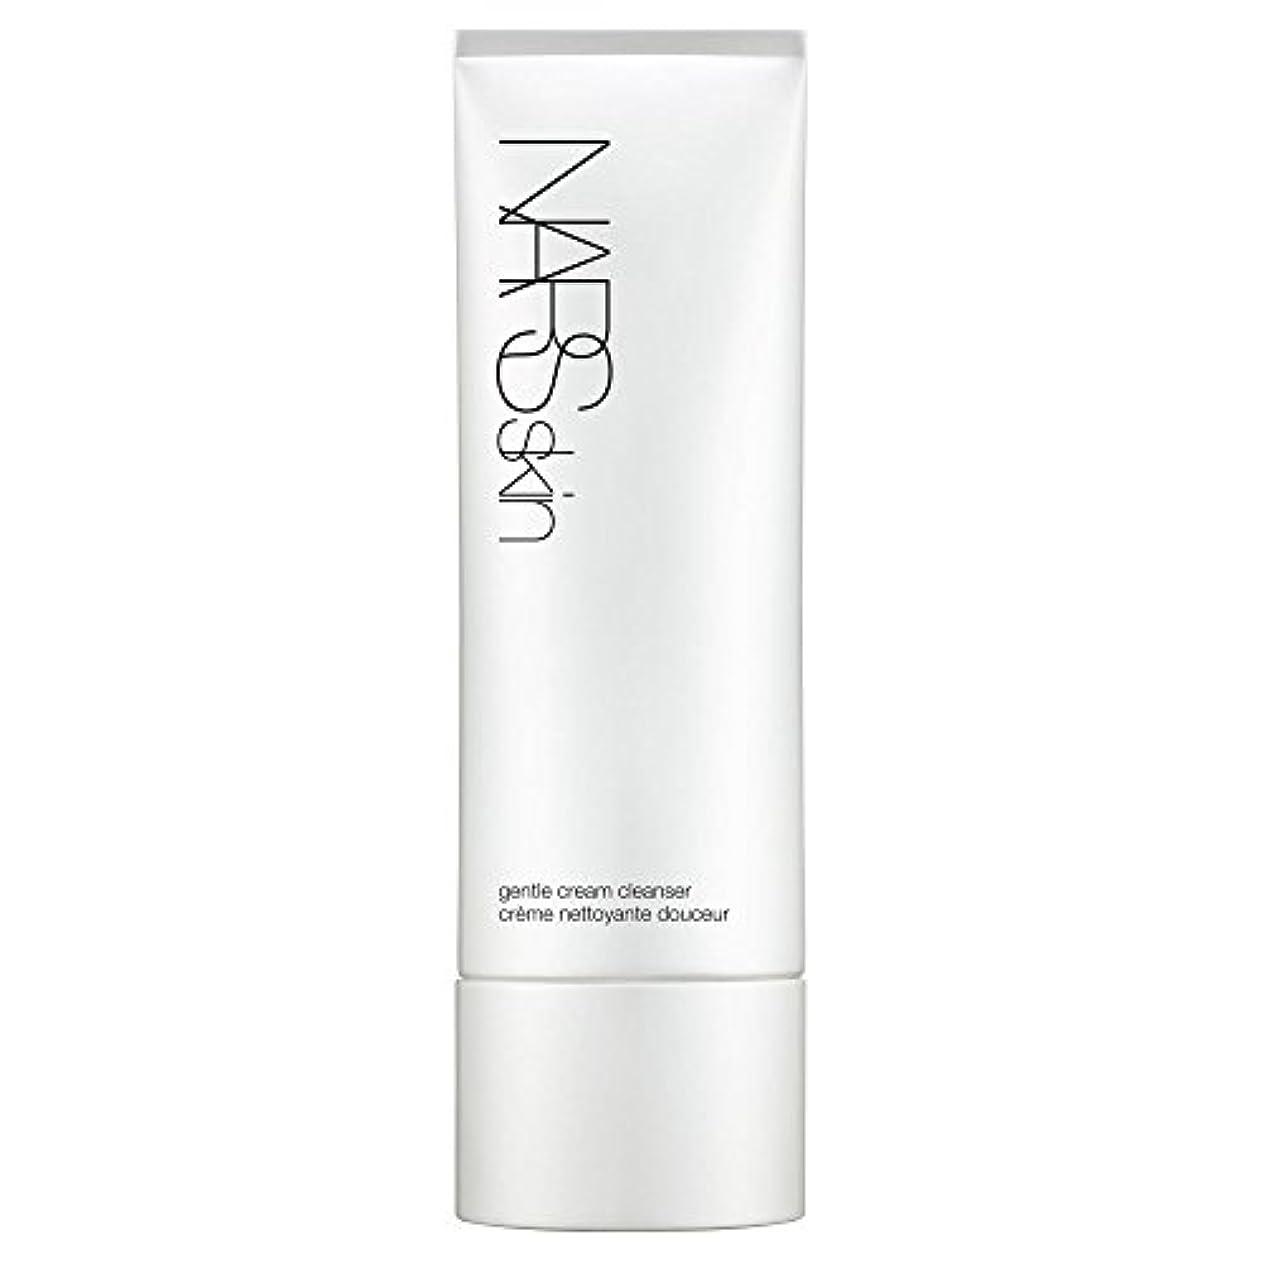 賞理解吸収[NARS] Narsskin優しいクリームクレンザー、125ミリリットル - Narsskin Gentle Cream Cleanser, 125ml [並行輸入品]